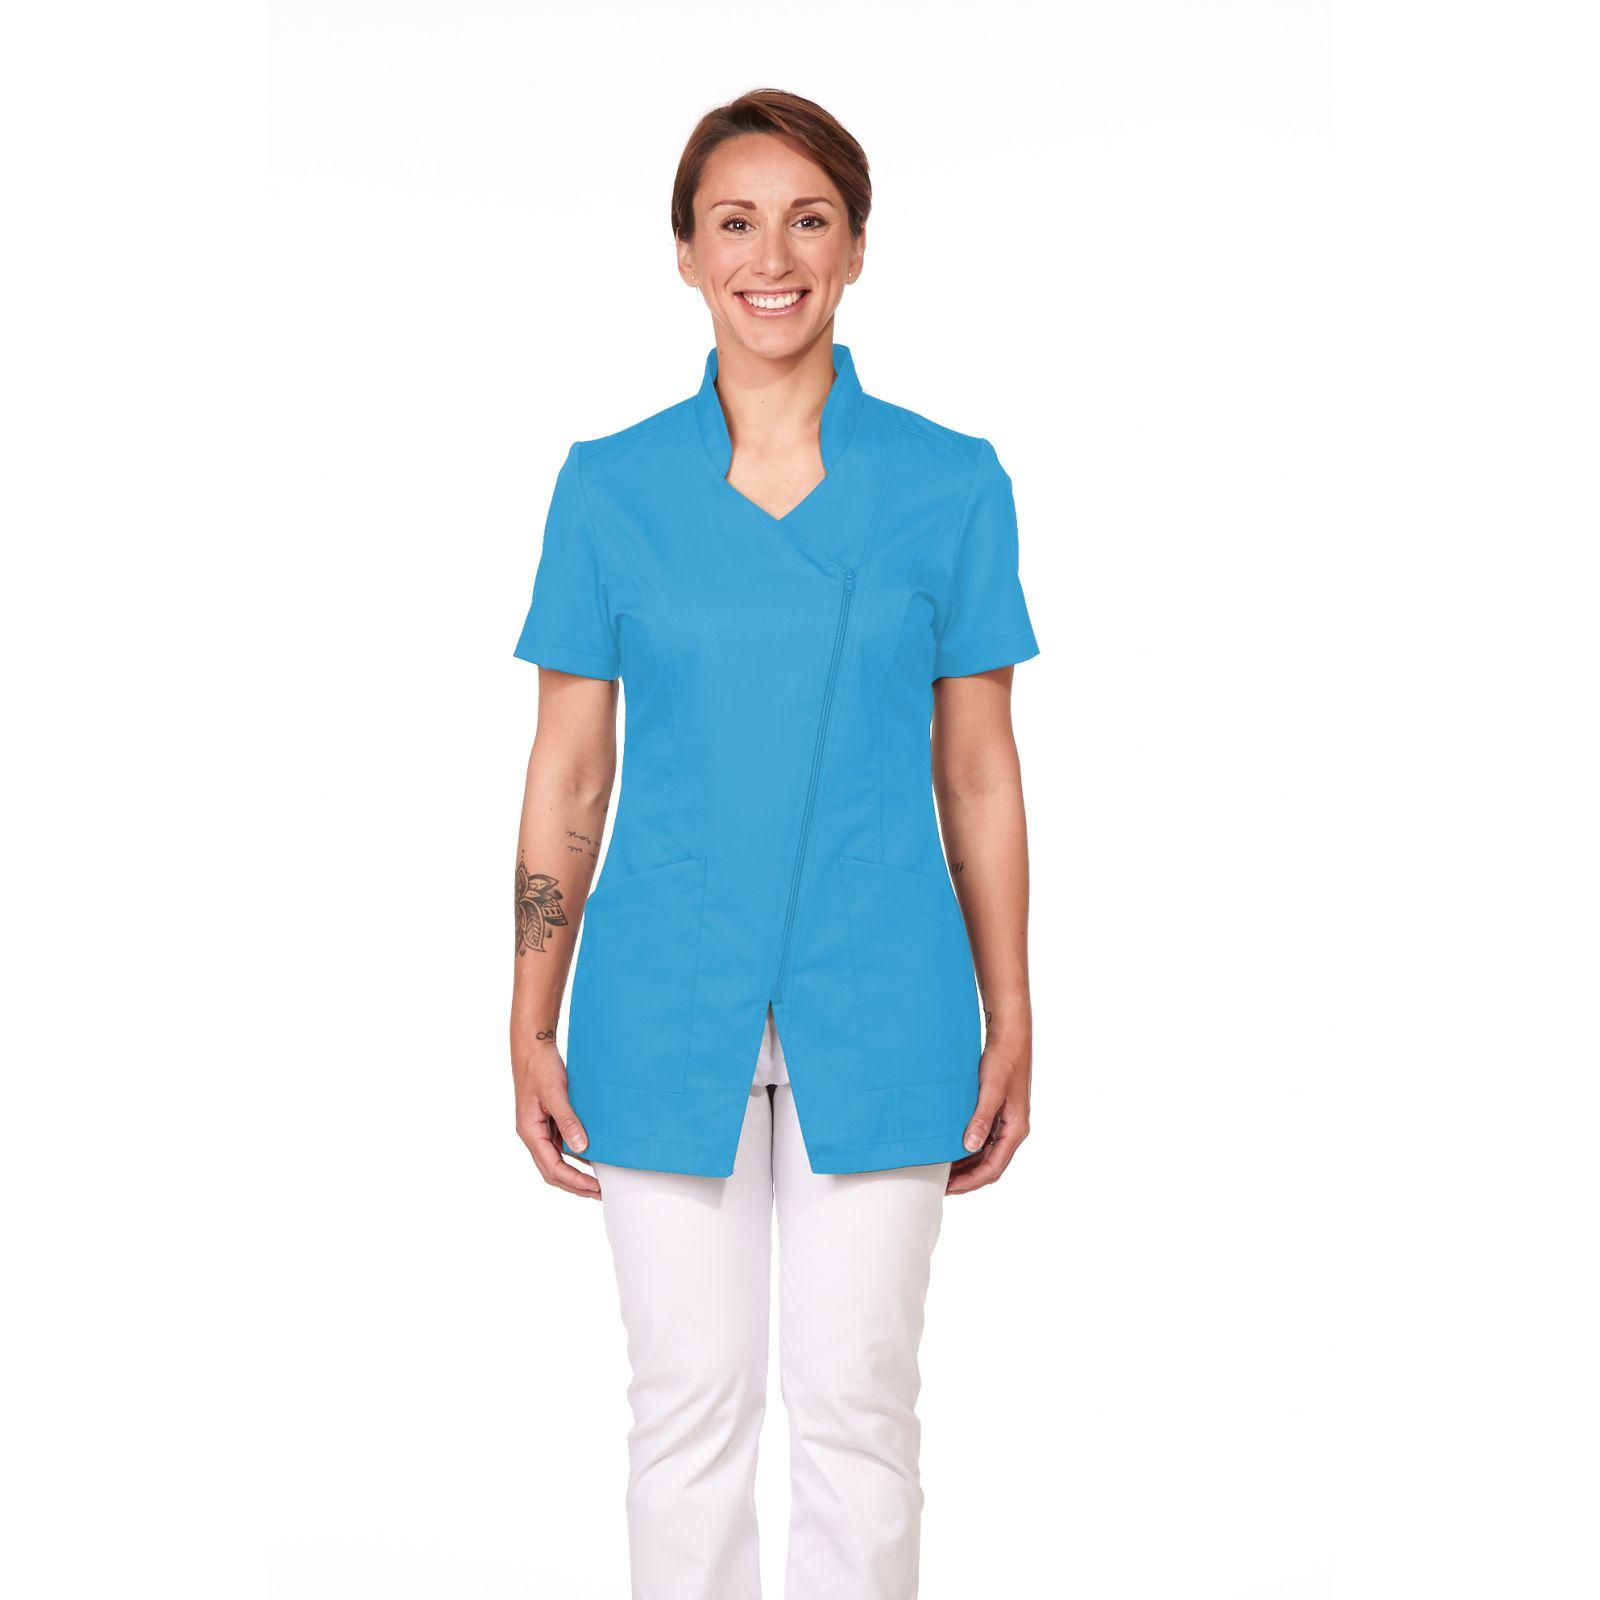 Blouse Médicale Femme, Sweety, couleur Bleu Santorin, Camille Lavandie (2619)